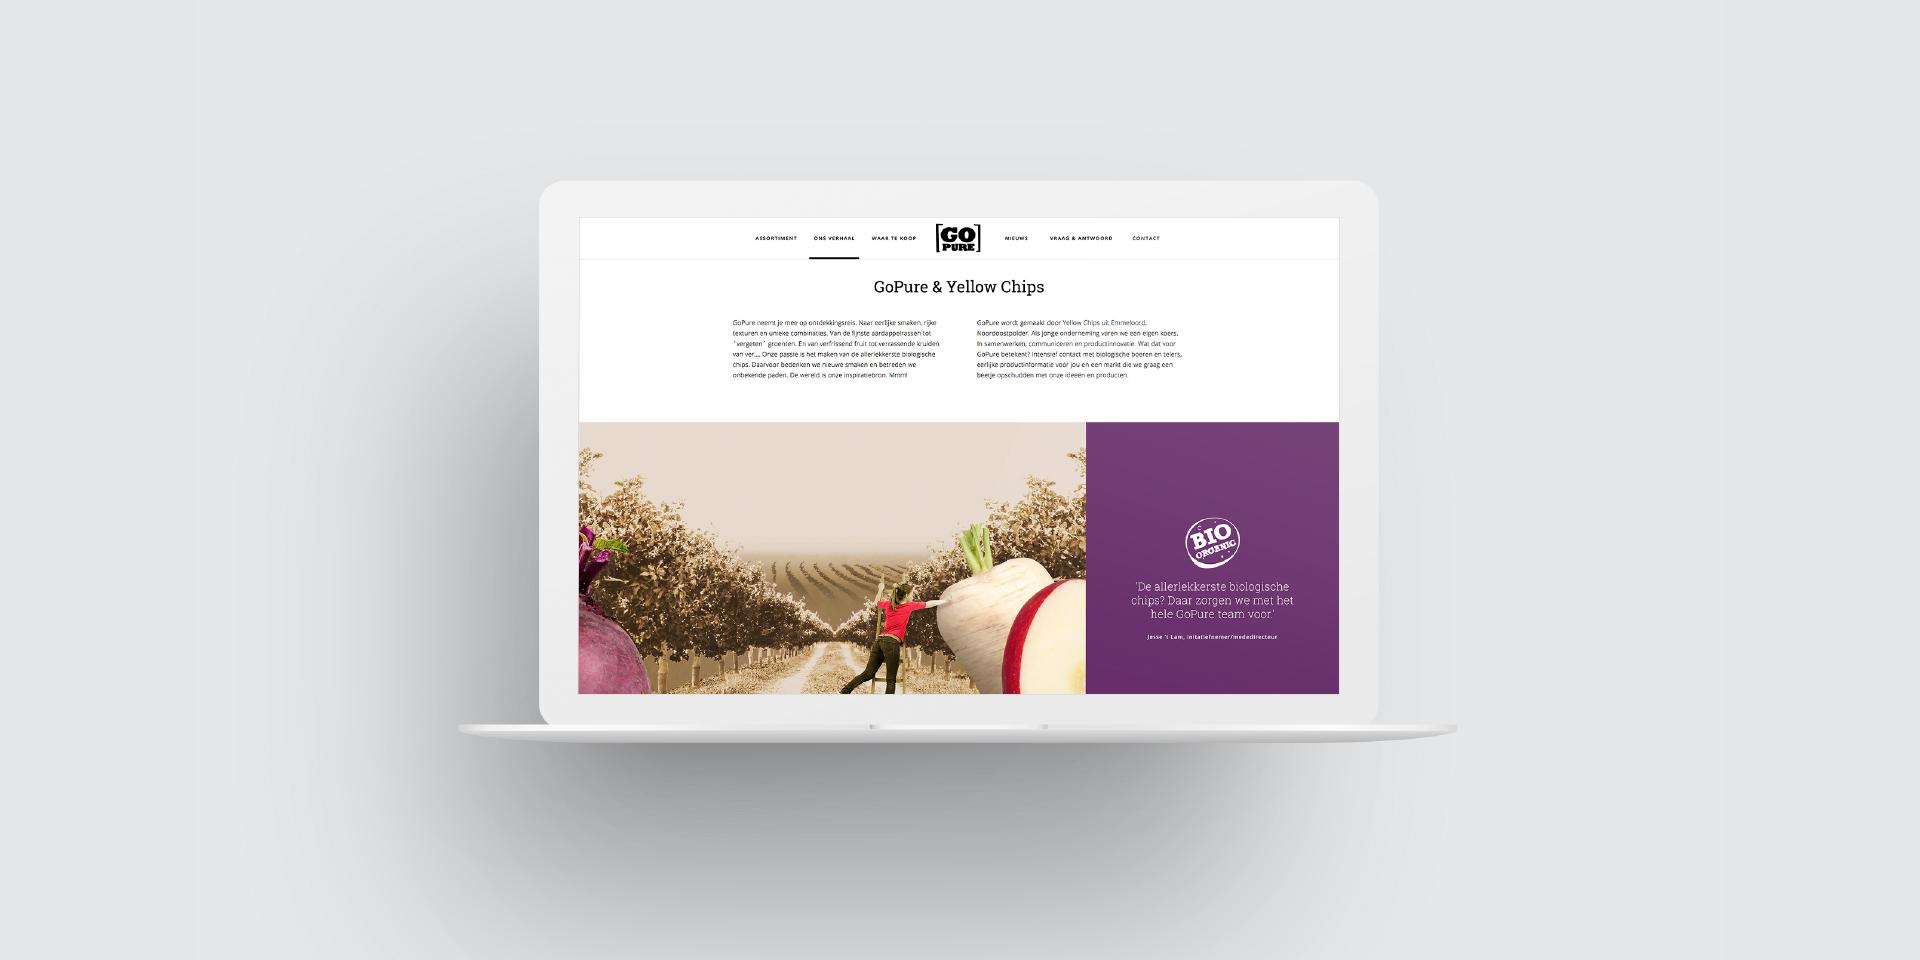 GoPure & Yellow Chips website op laptop – Dutchgiraffe   Digital Creatives